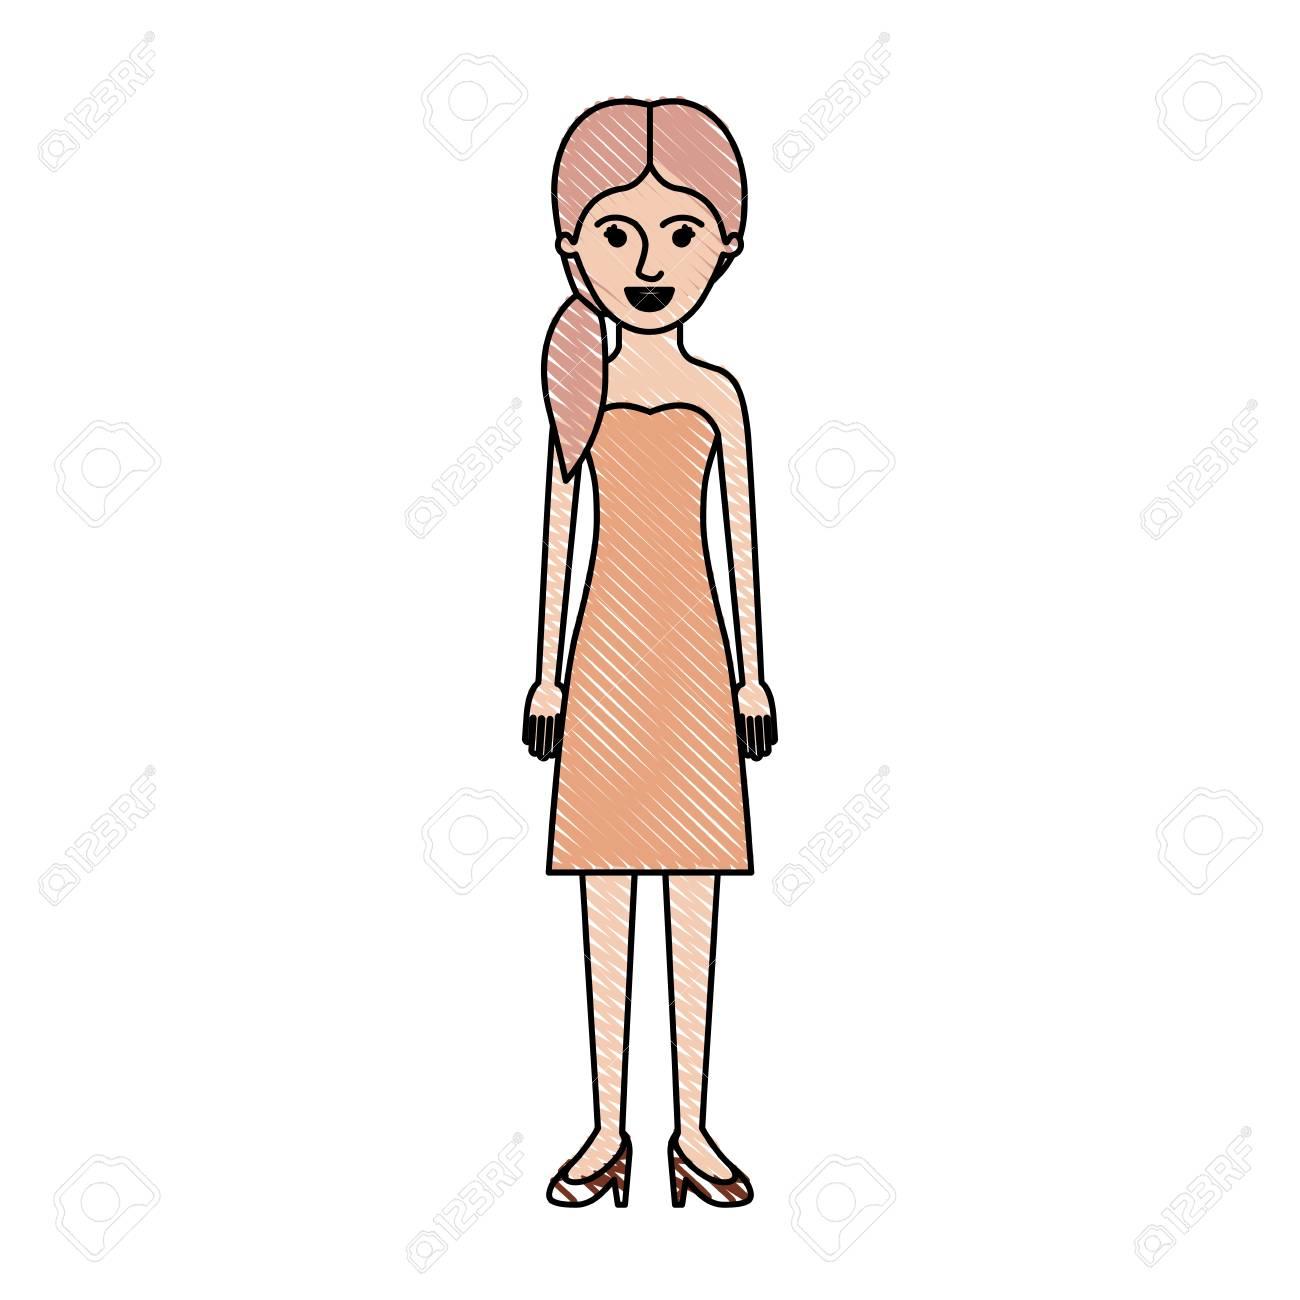 ピグテール髪型色クレヨン シルエット ベクトル図にストラッ プレス ドレスとヒール靴で女性